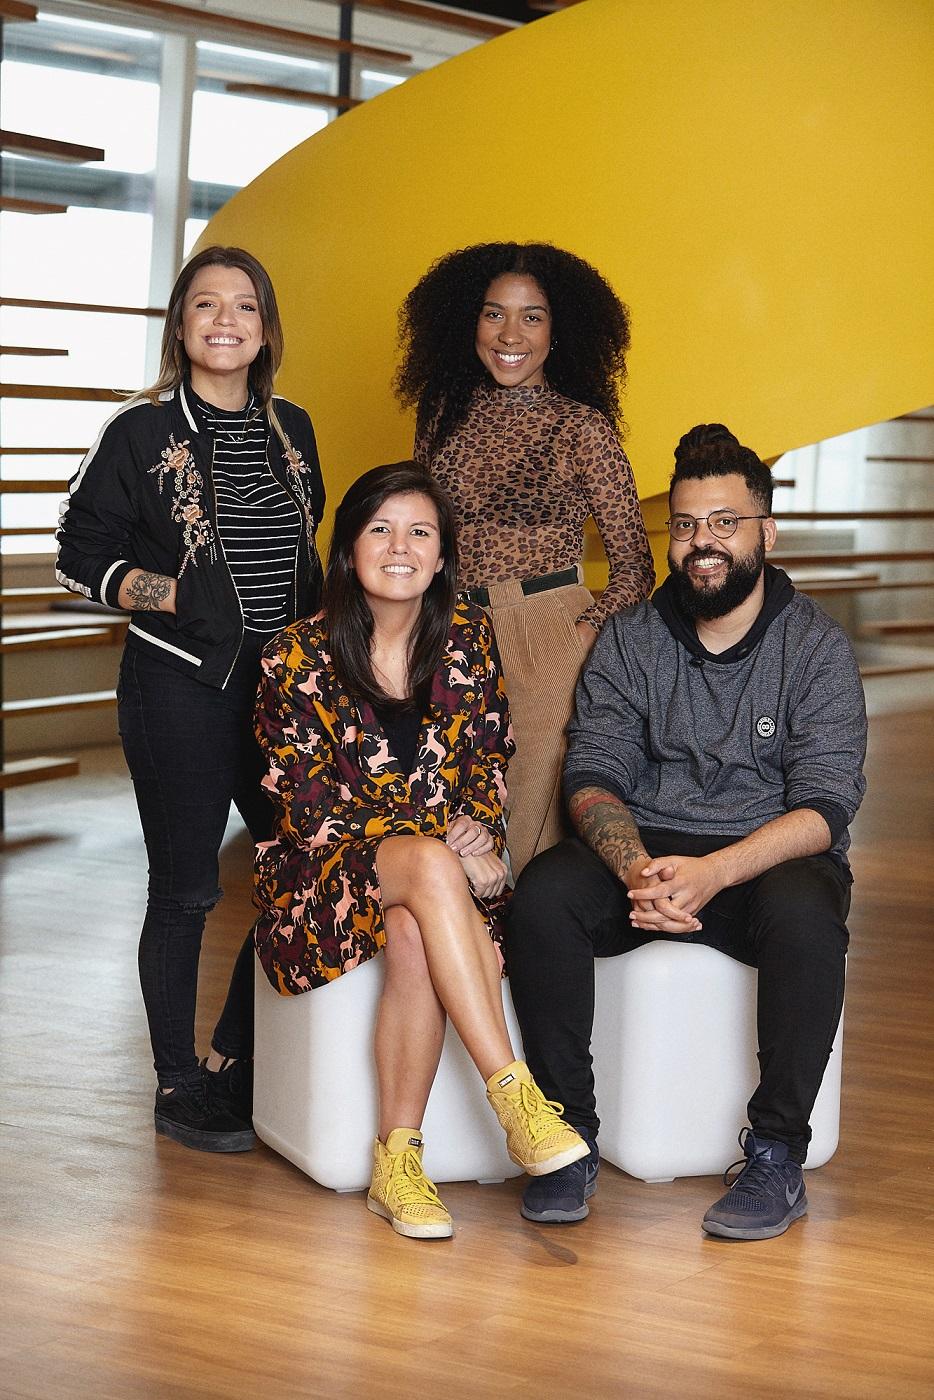 Quatro colaboradores da agência em foto do time, sendo três mulheres e um homem. São eles: Mellina Fontoura, Lilian Hara, Damaris Oliveira e Thiago Alves